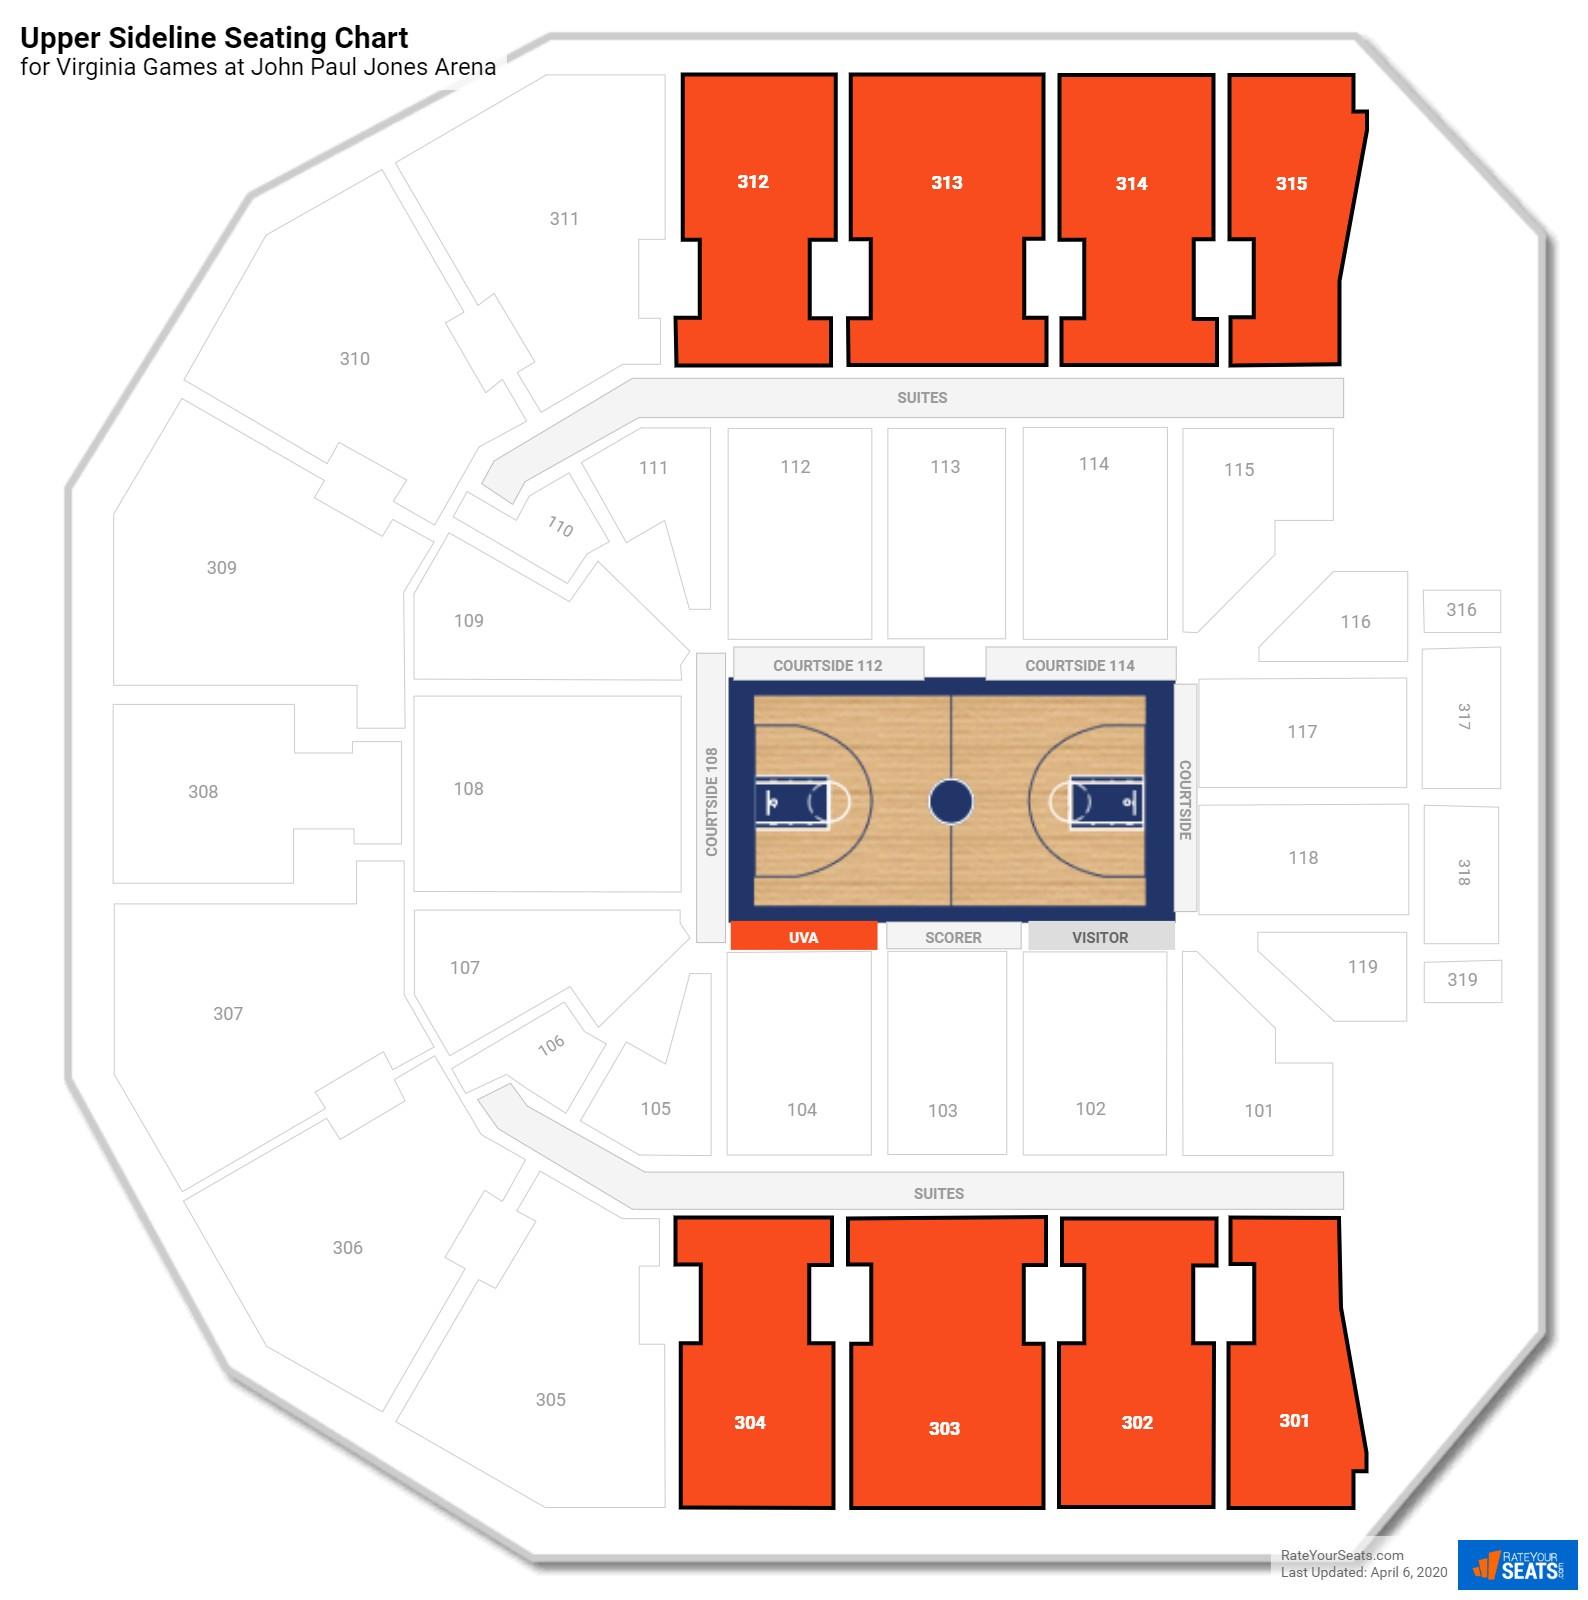 John Paul Jones Arena Upper Sideline Seating Chart